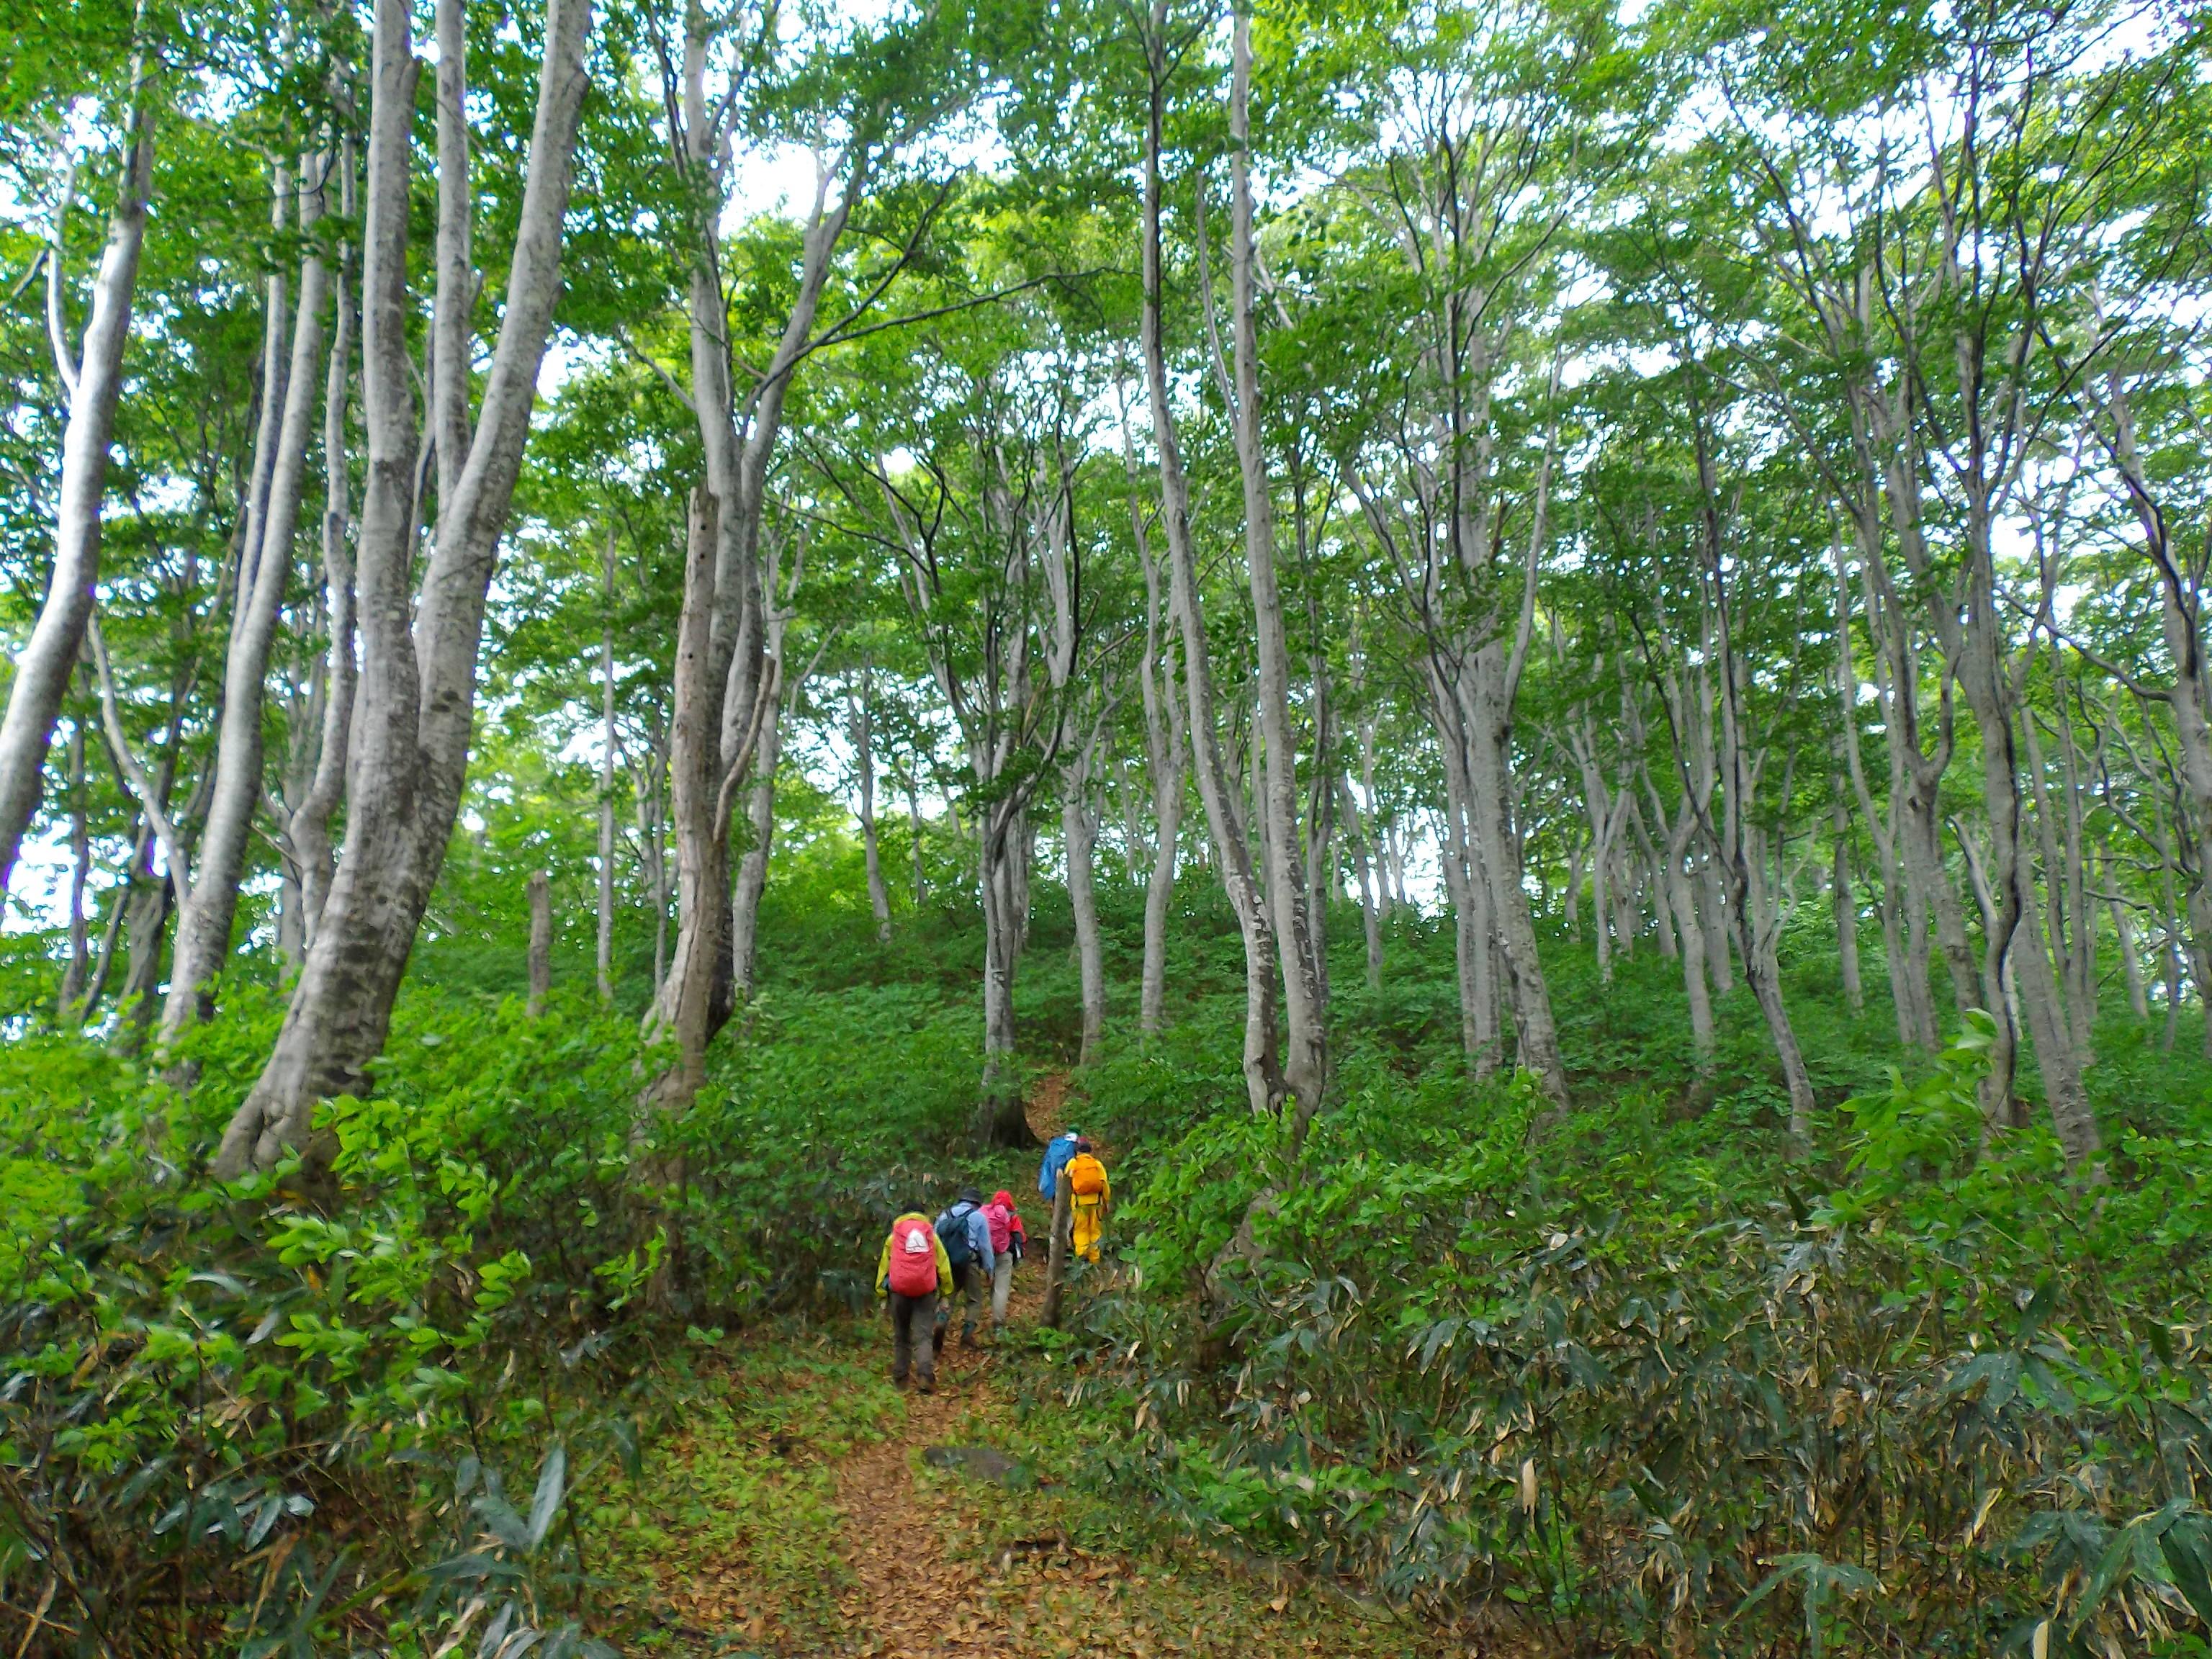 ブナ林が特に美しい後半3セクション<br> 信越トレイル(セクション6~4)3日間